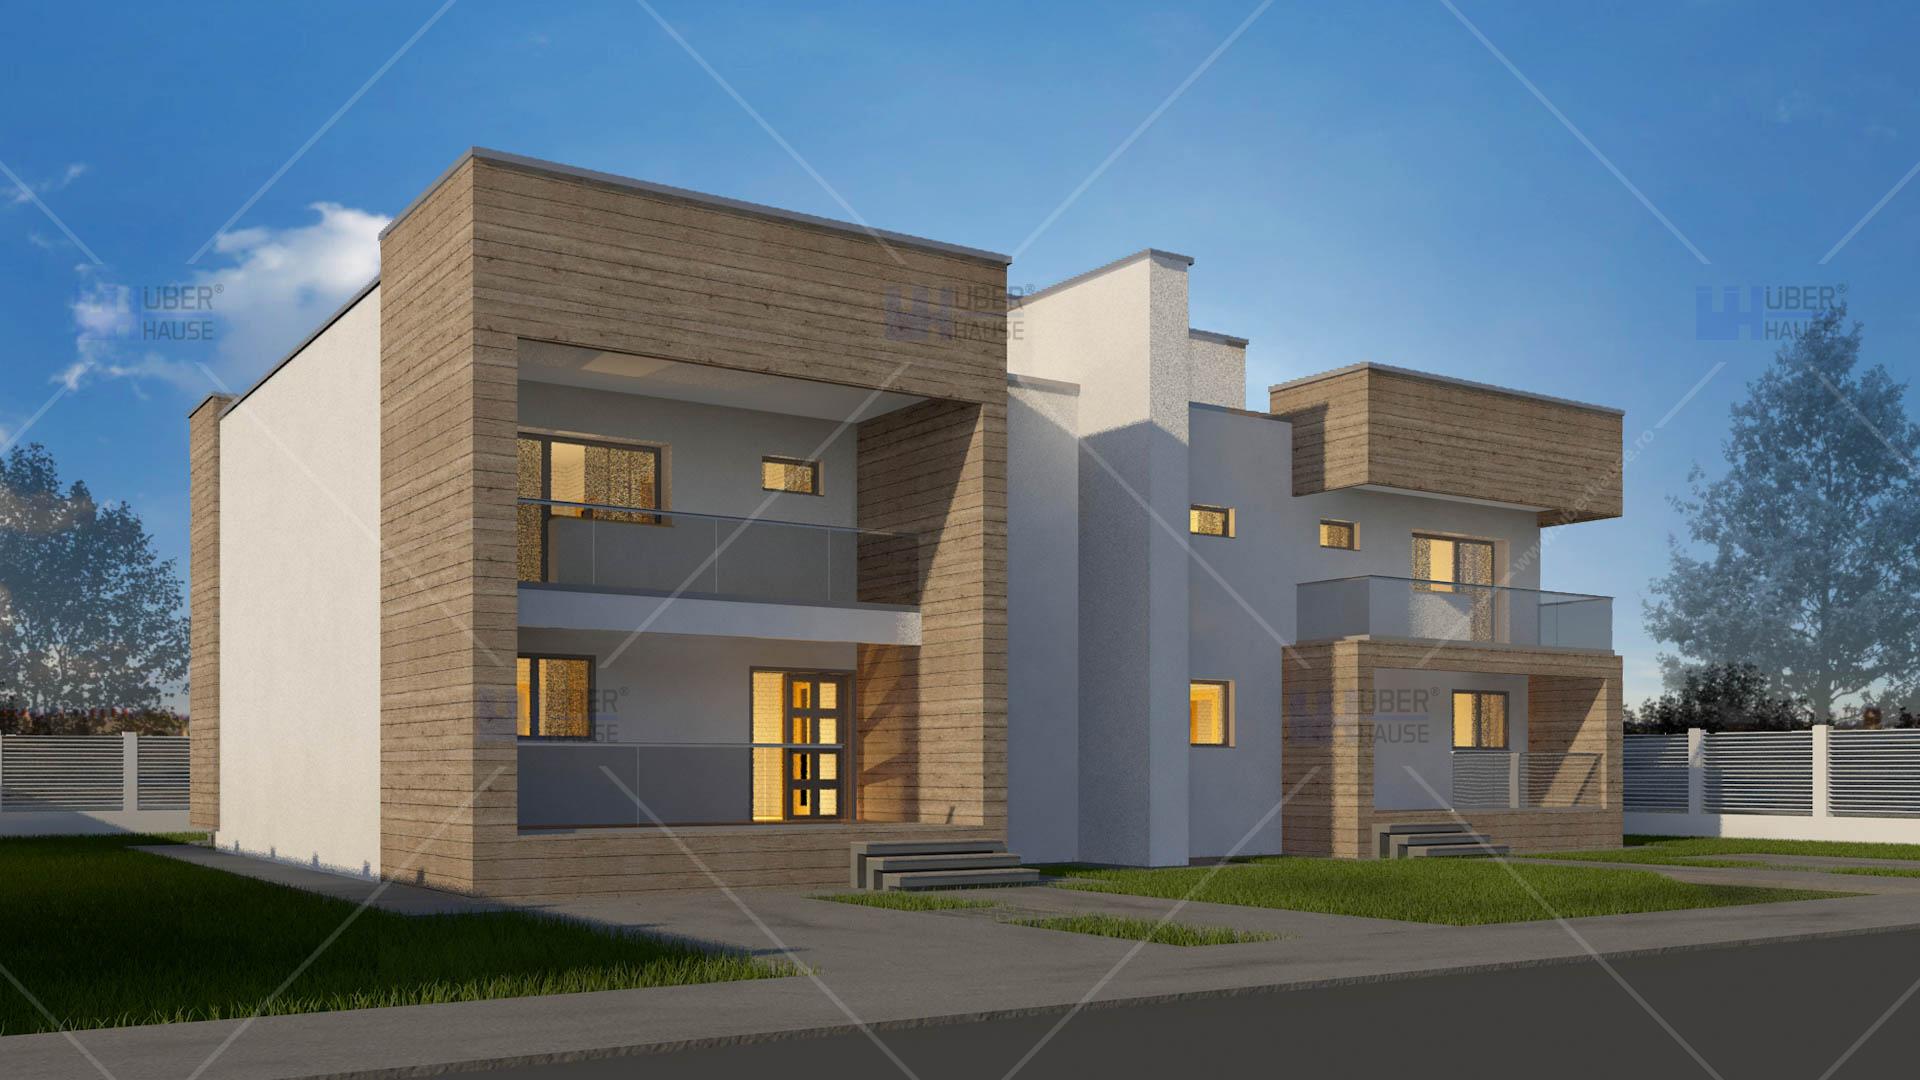 proiect-casa-etaj-Dualis-135-UBERhause-ro-1-1920x1080.jpg